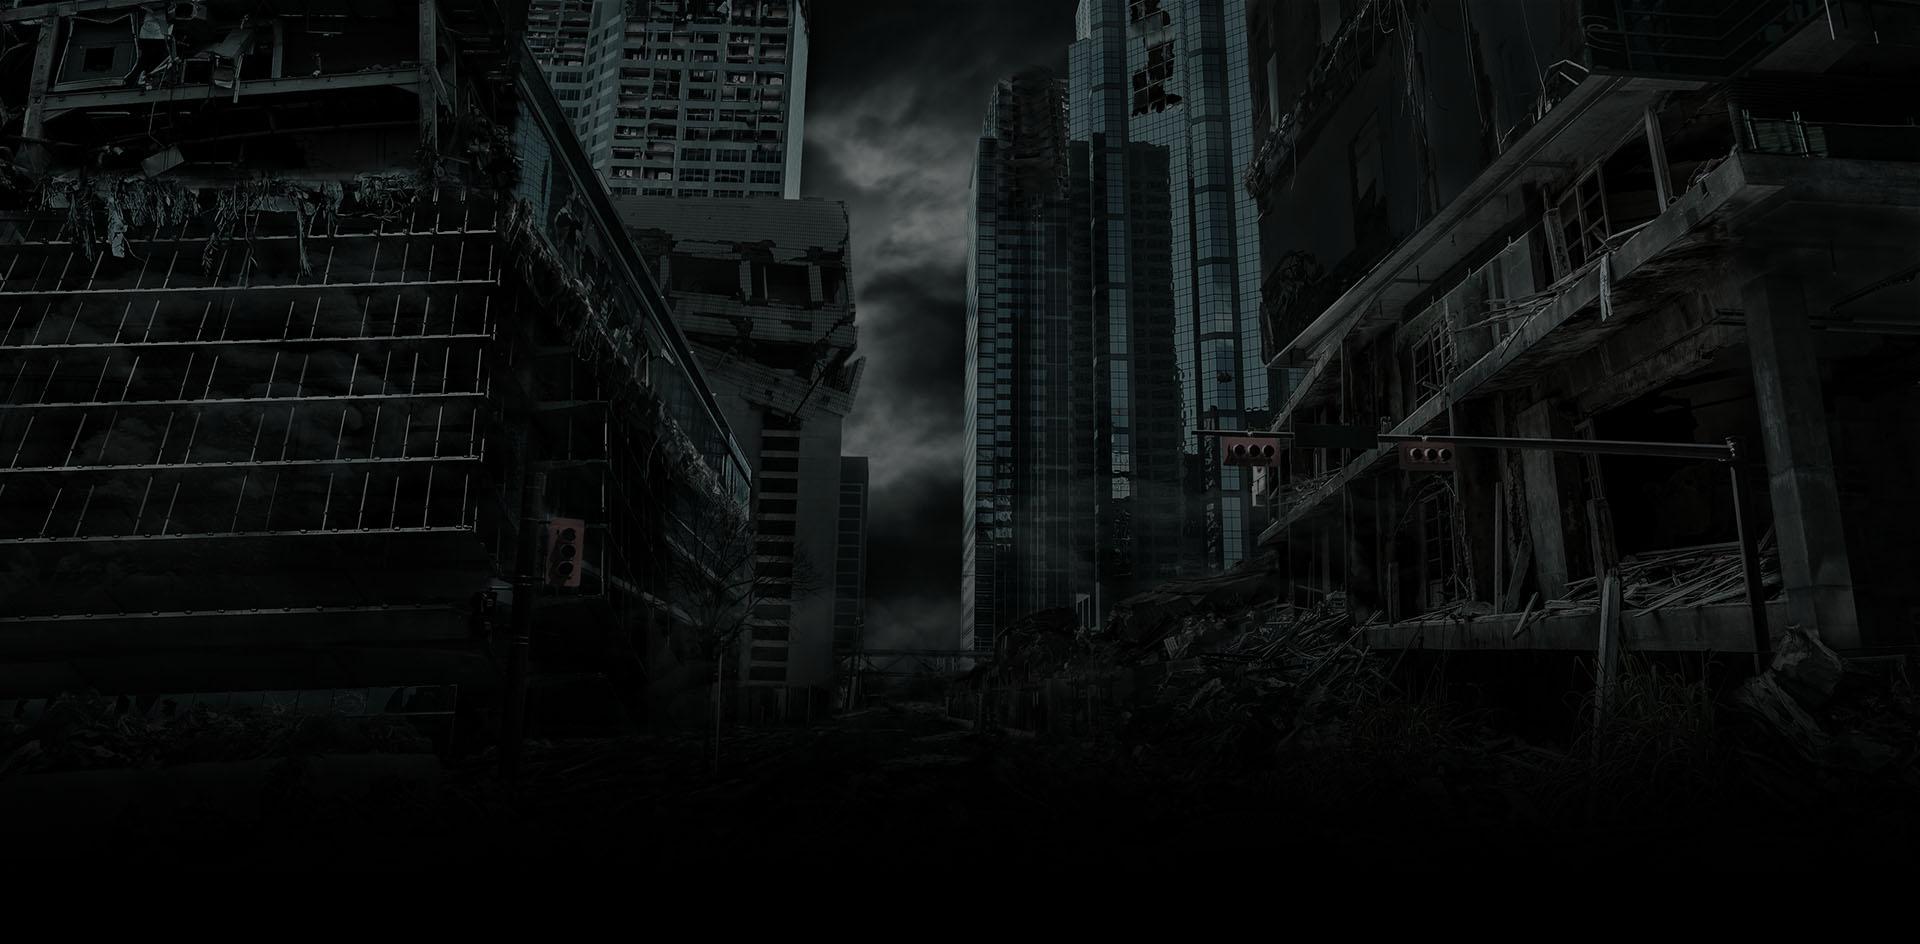 hurricane-damage-background